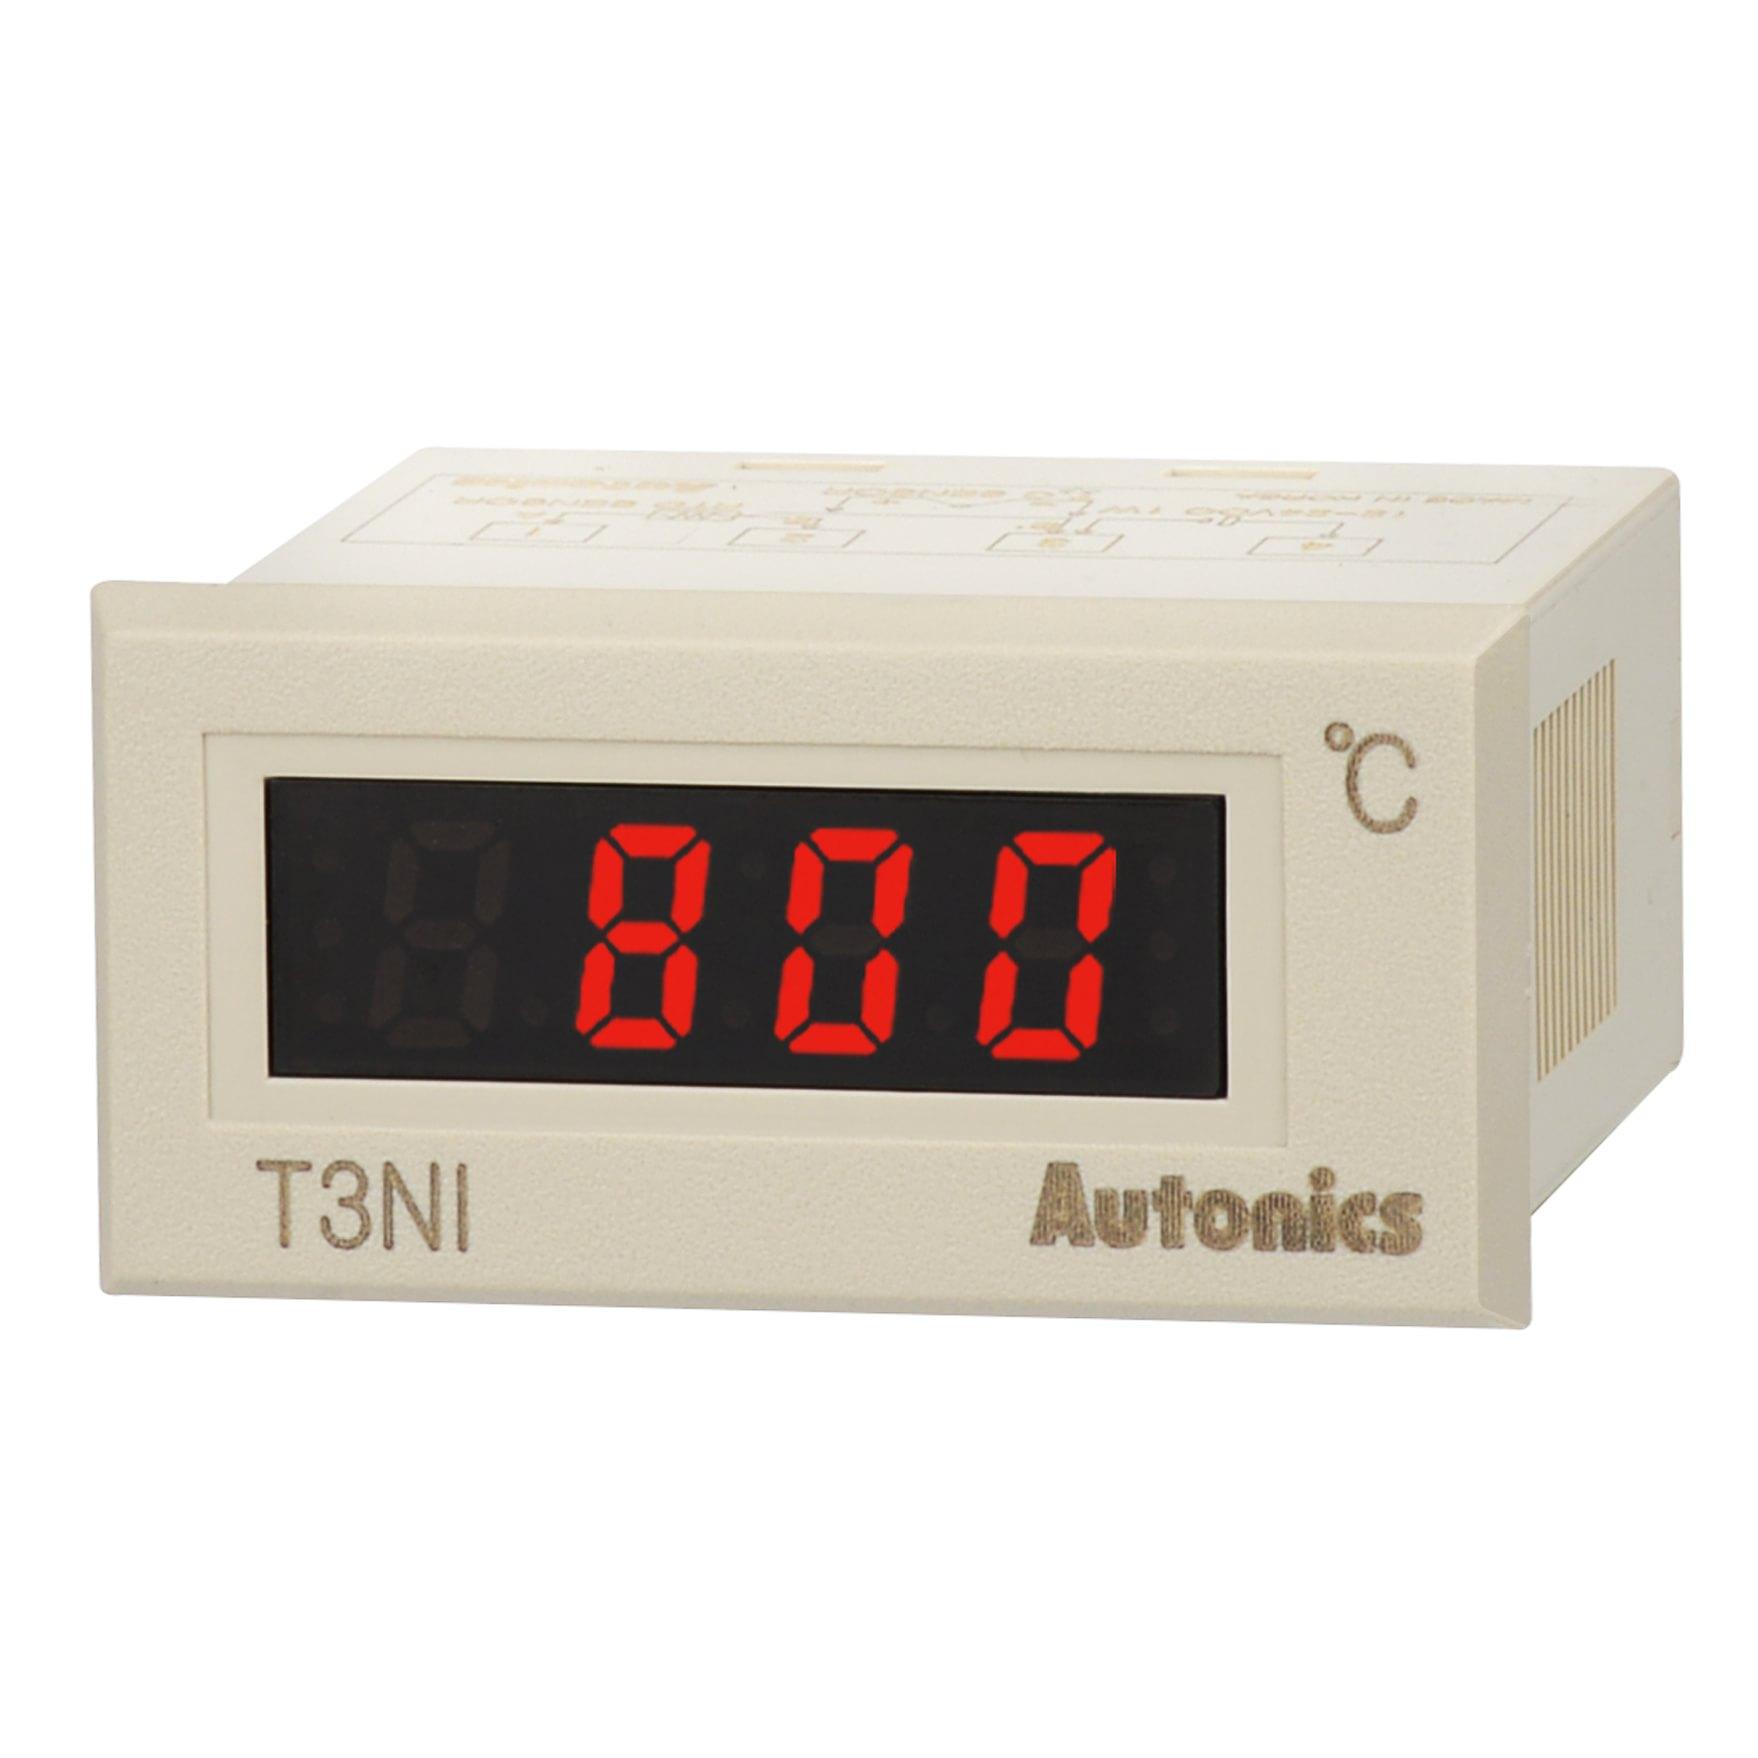 T3NI T4YI T4WI T3SI T3HI T4MI T4LI Series - کنترلرهای دما آتونیکس سری T3NI/T4YI/T4WI/T3SI/T3HI/T4MI/T4LI